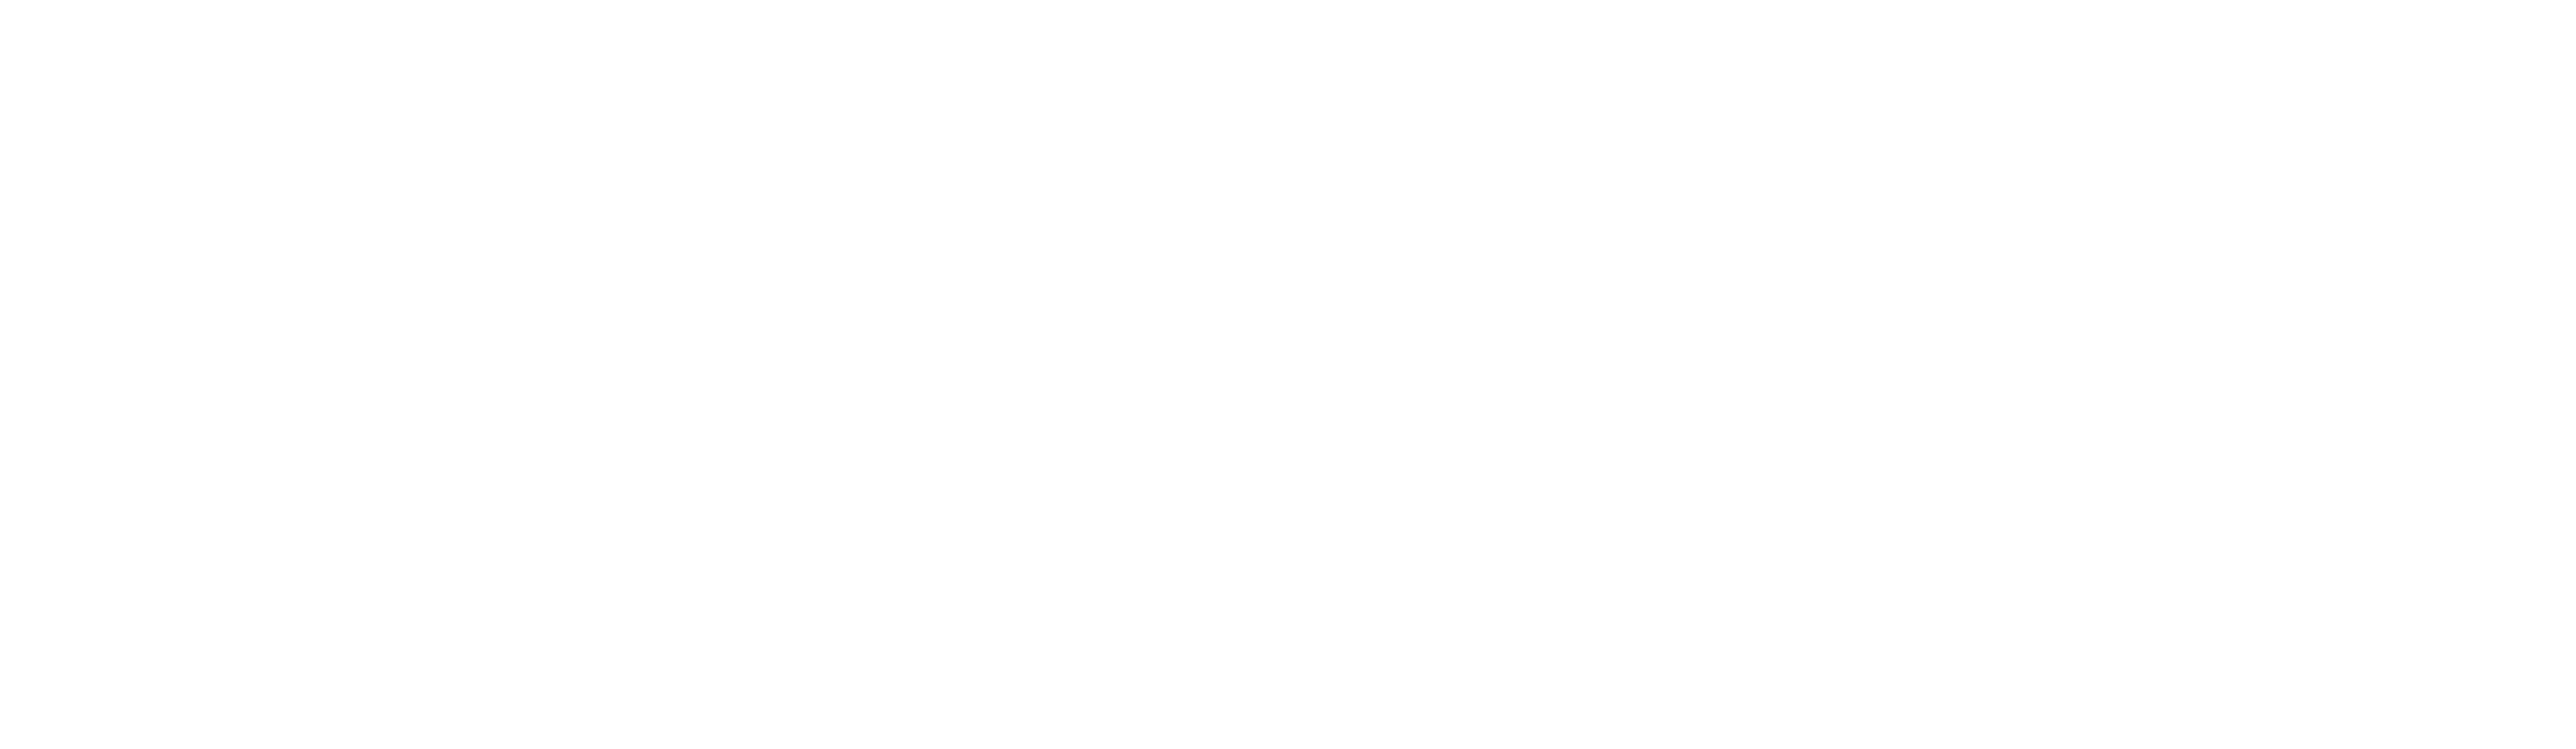 00 logo xxl